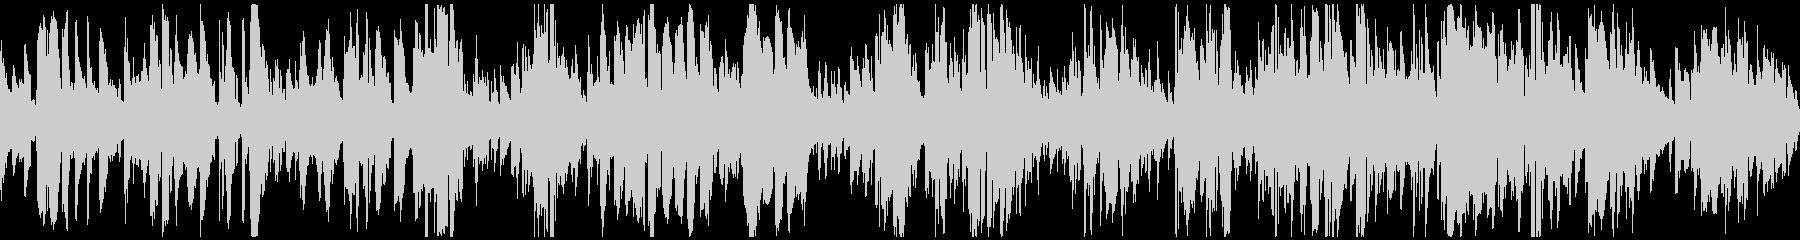 すごく渋いジャズバラード ※ループ仕様版の未再生の波形